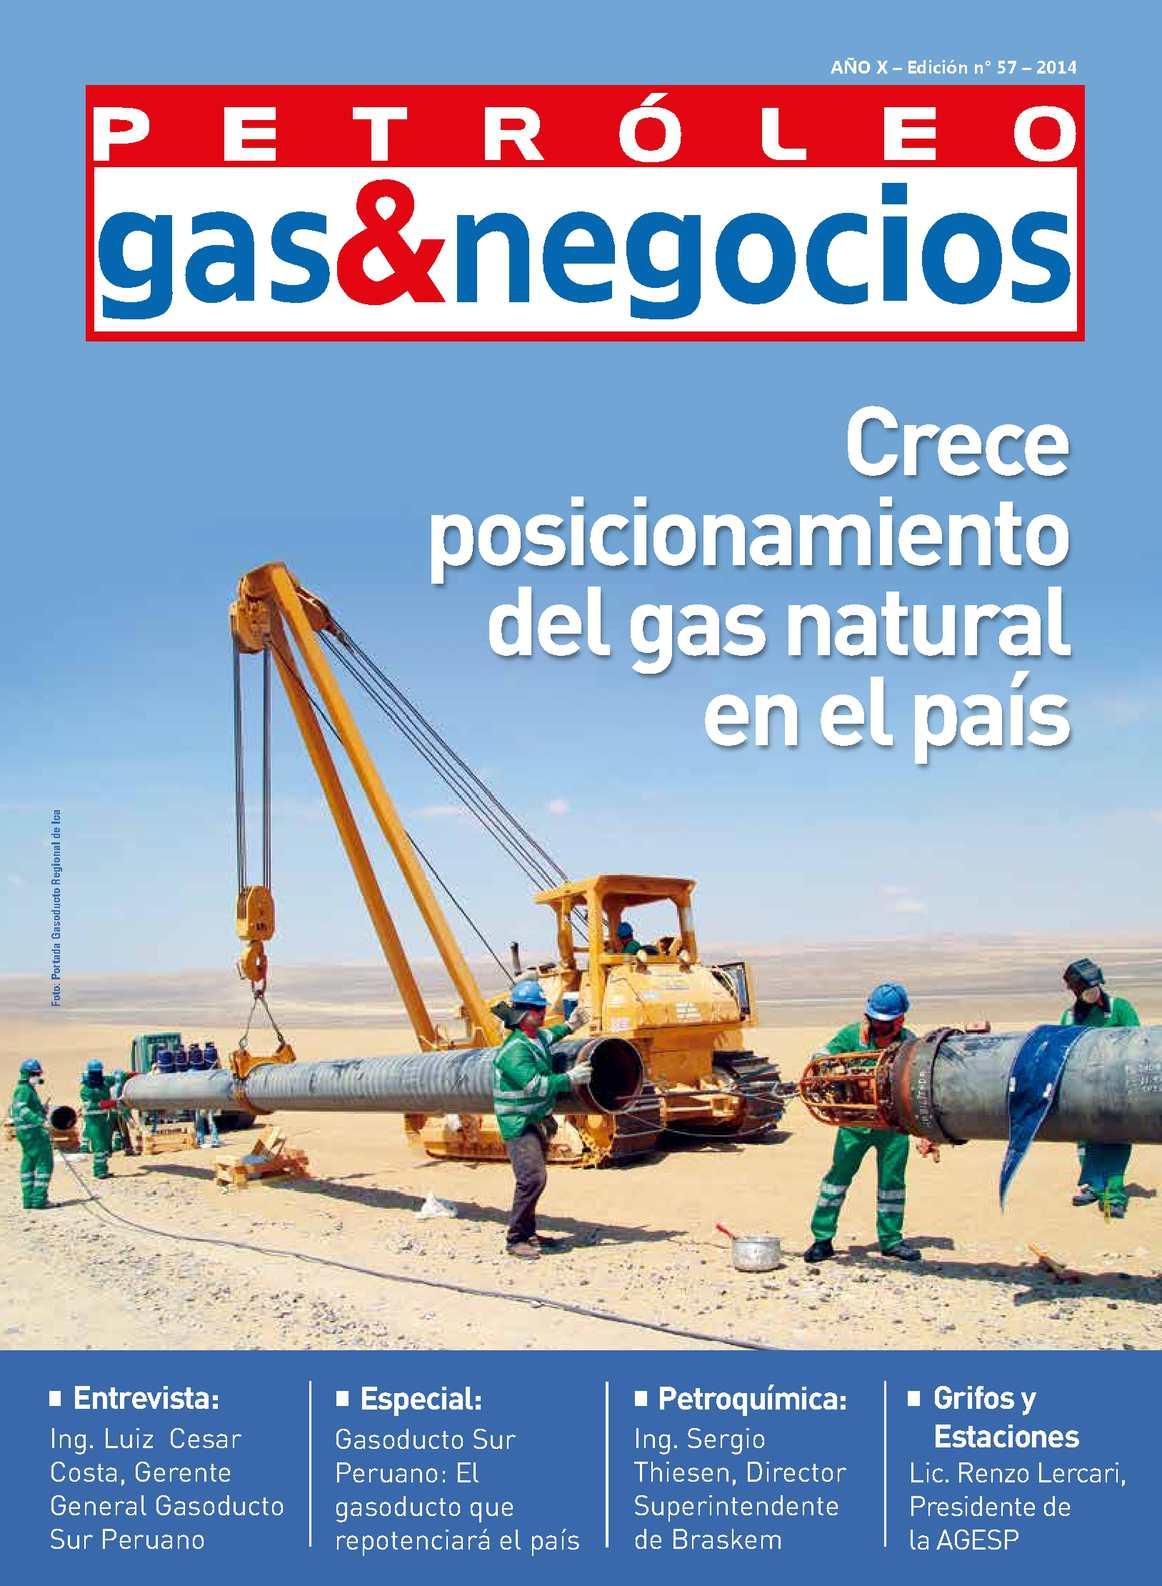 Calaméo - Edición 57 - Revista Petroleo, Gas & Negocios